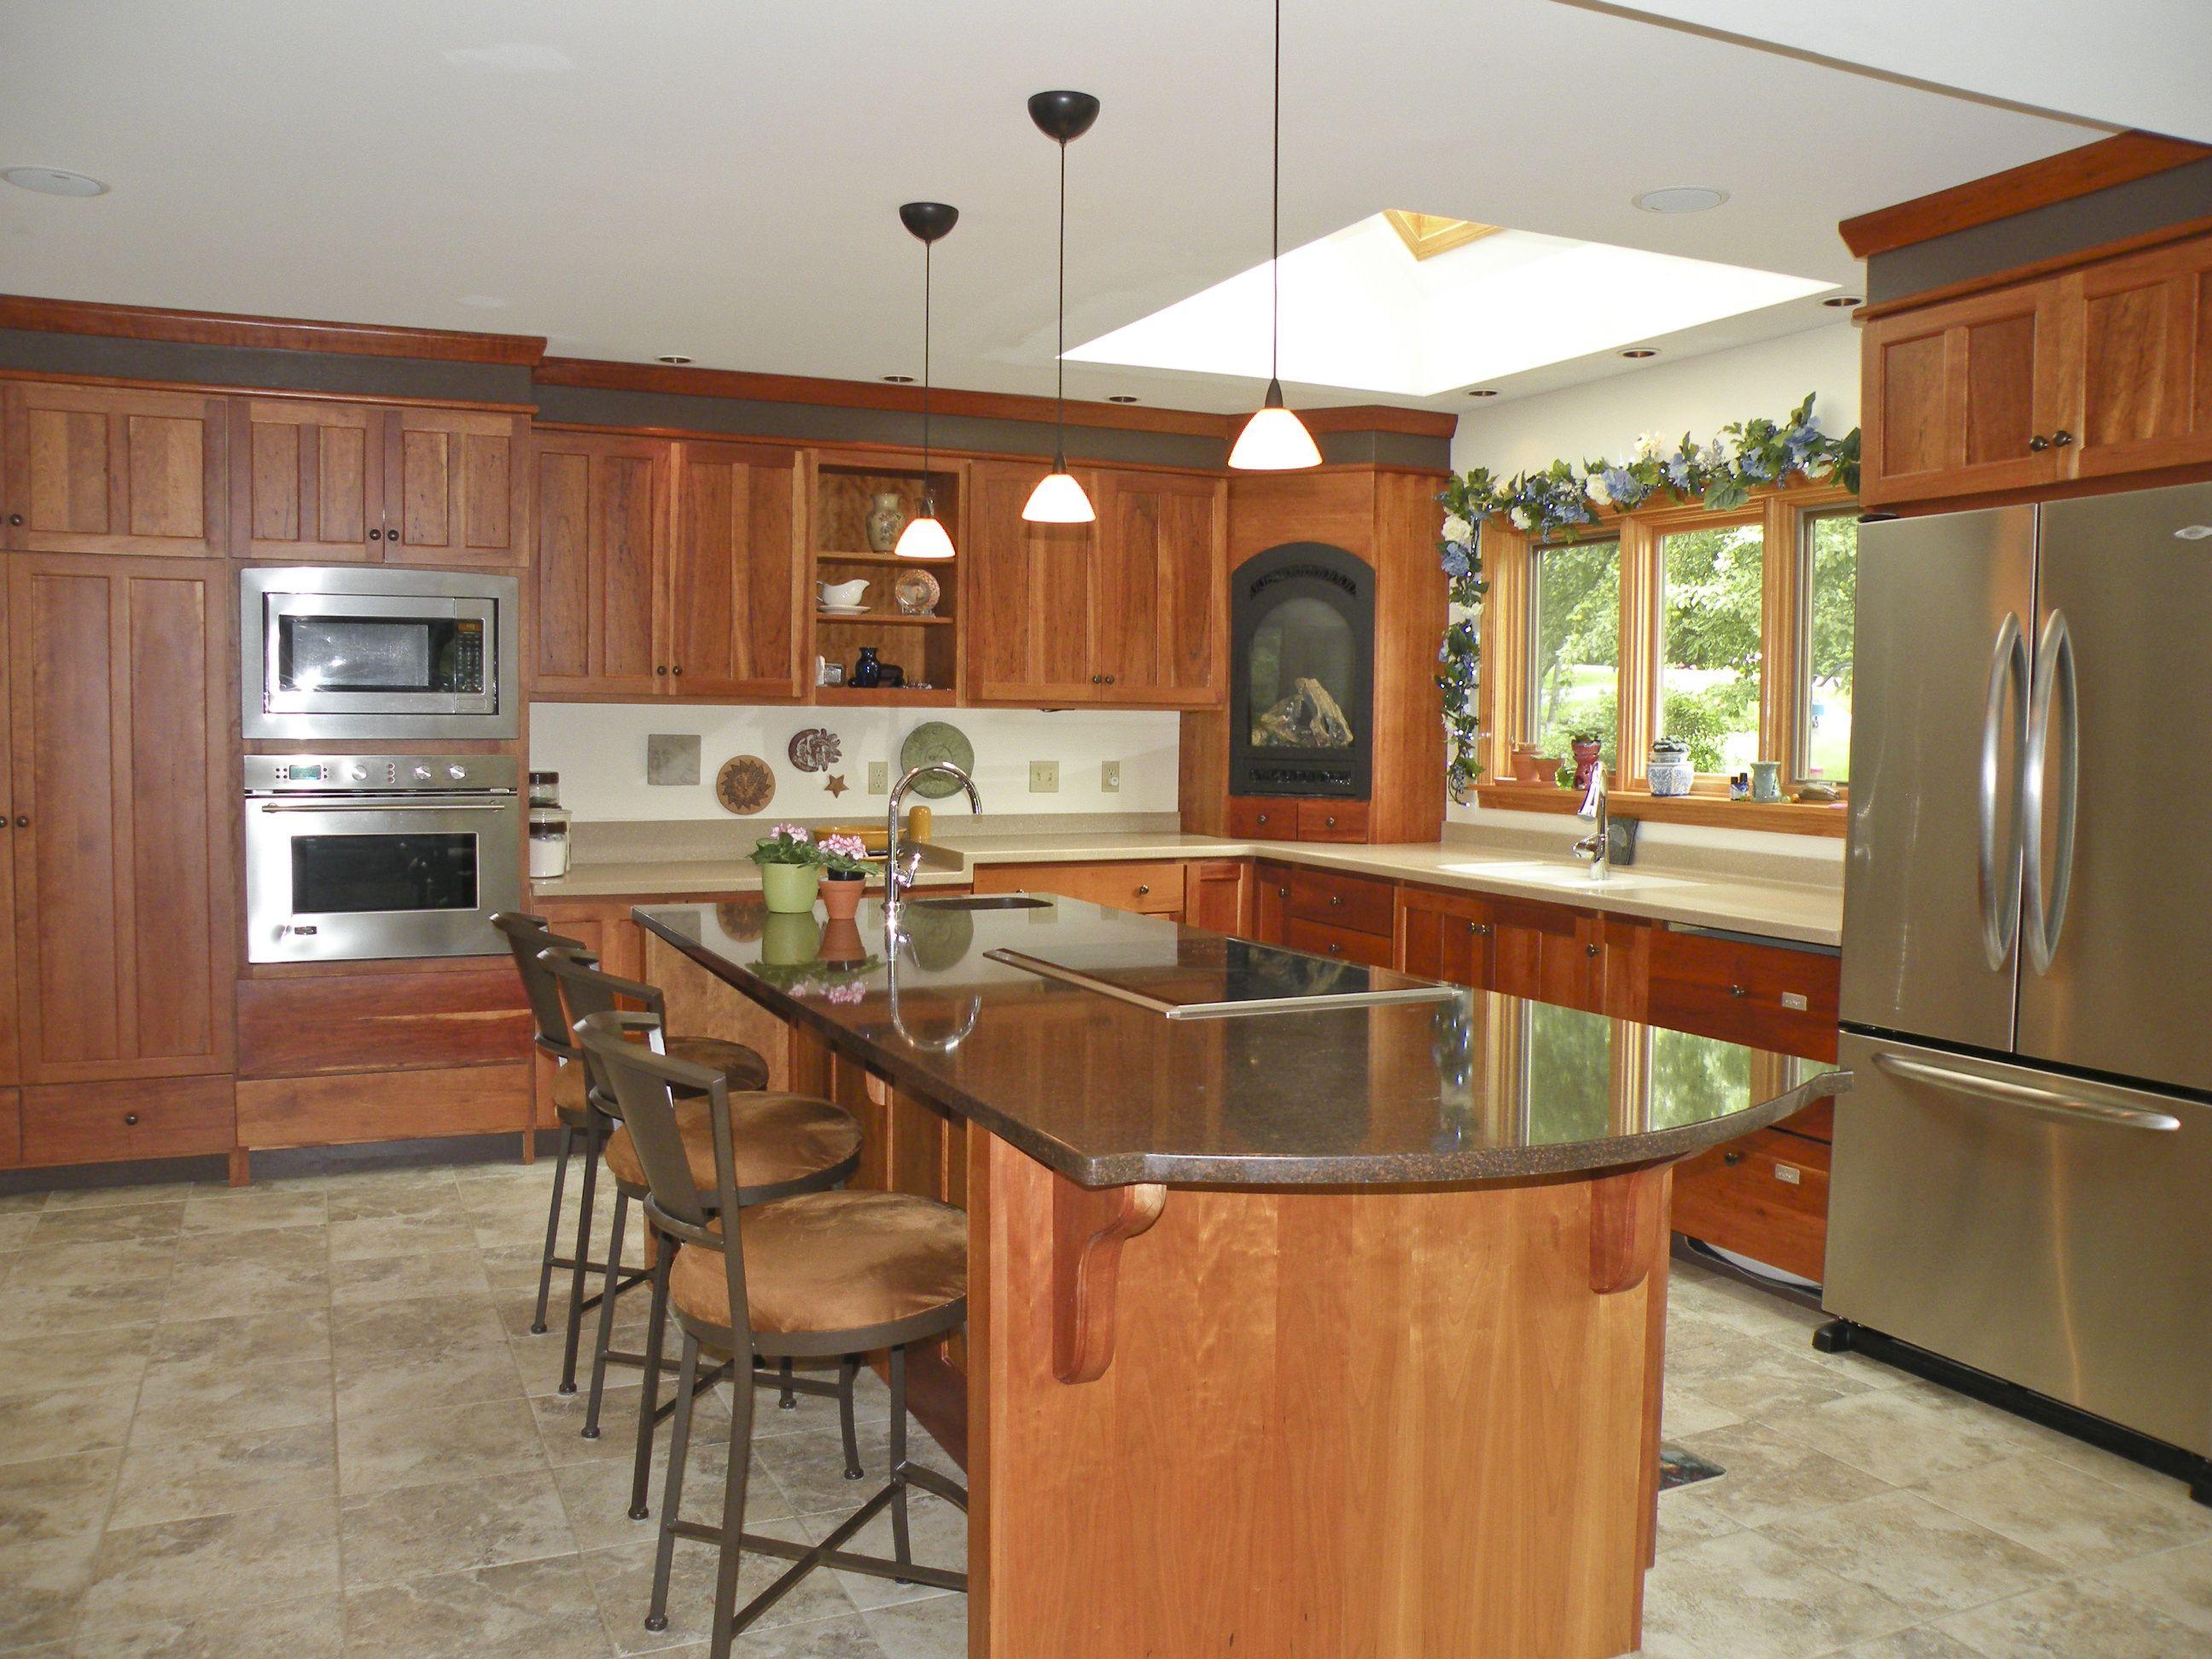 Gourmet Kitchen With 9 Center Island Kitchen Remodel Kitchen Cherry Cabinets Kitchen